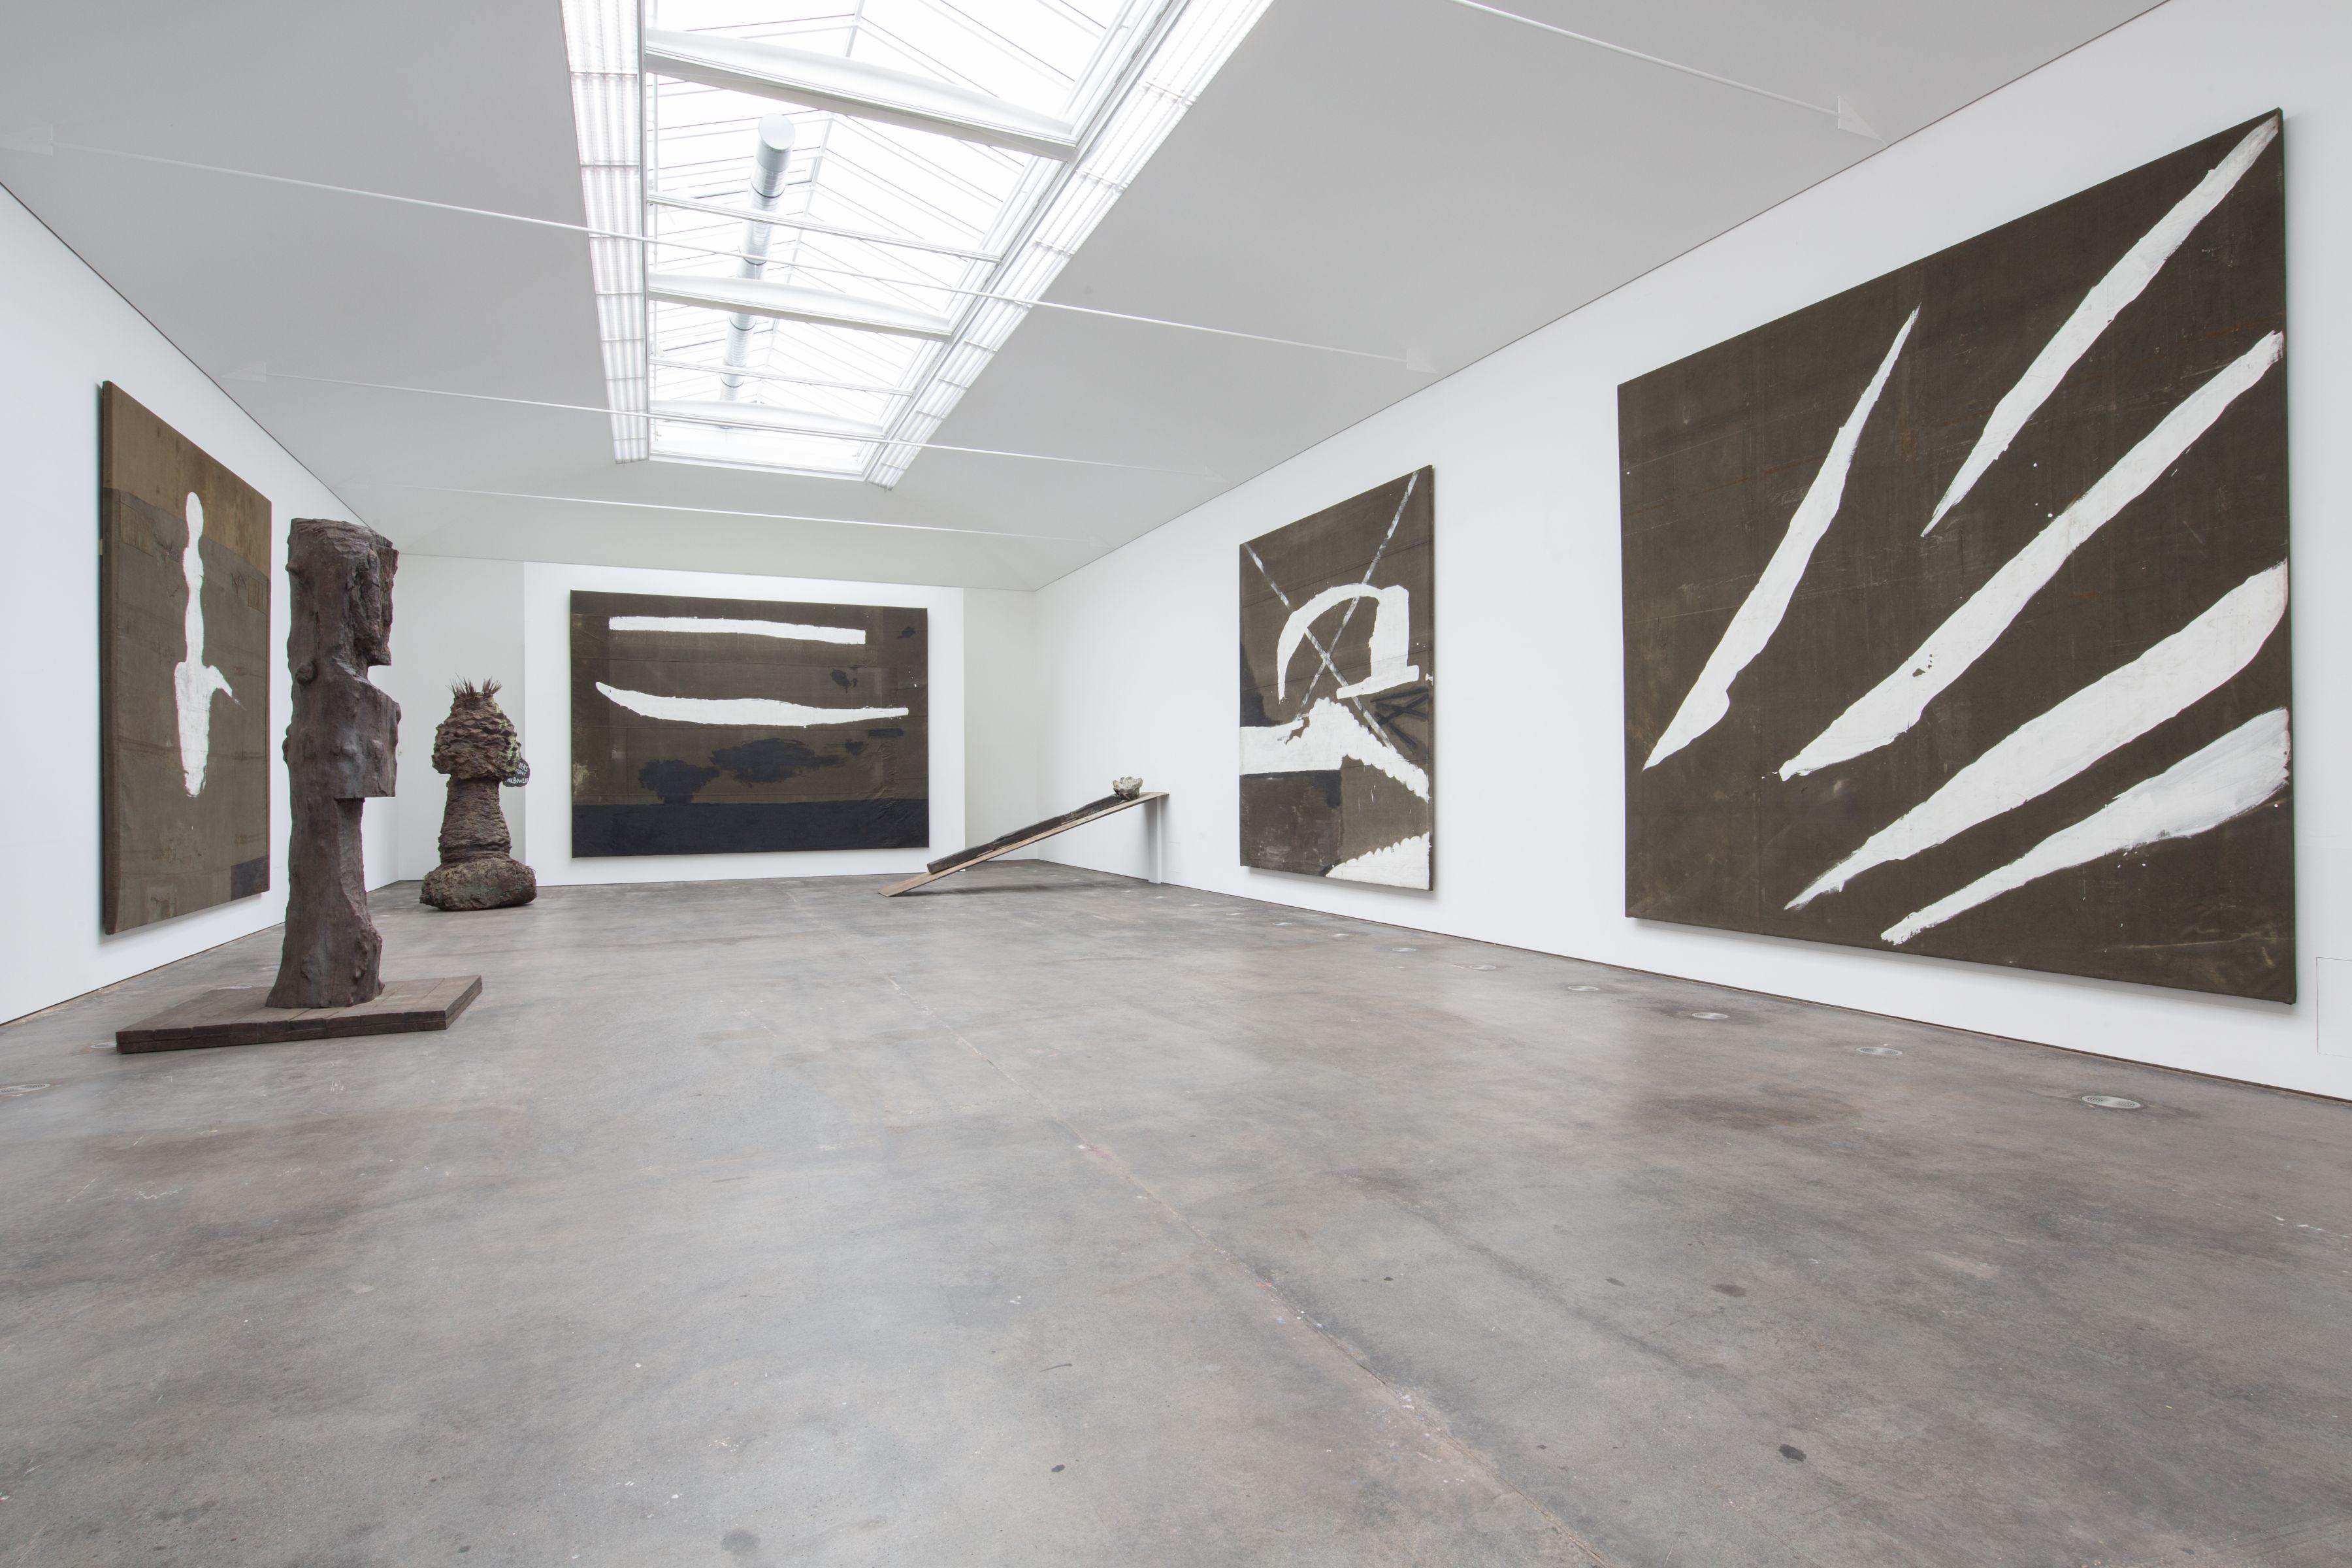 Installation view,Julian Schnabel, Hall Art Foundation | Schloss Derneburg Museum, Derneburg, Germany, 2017